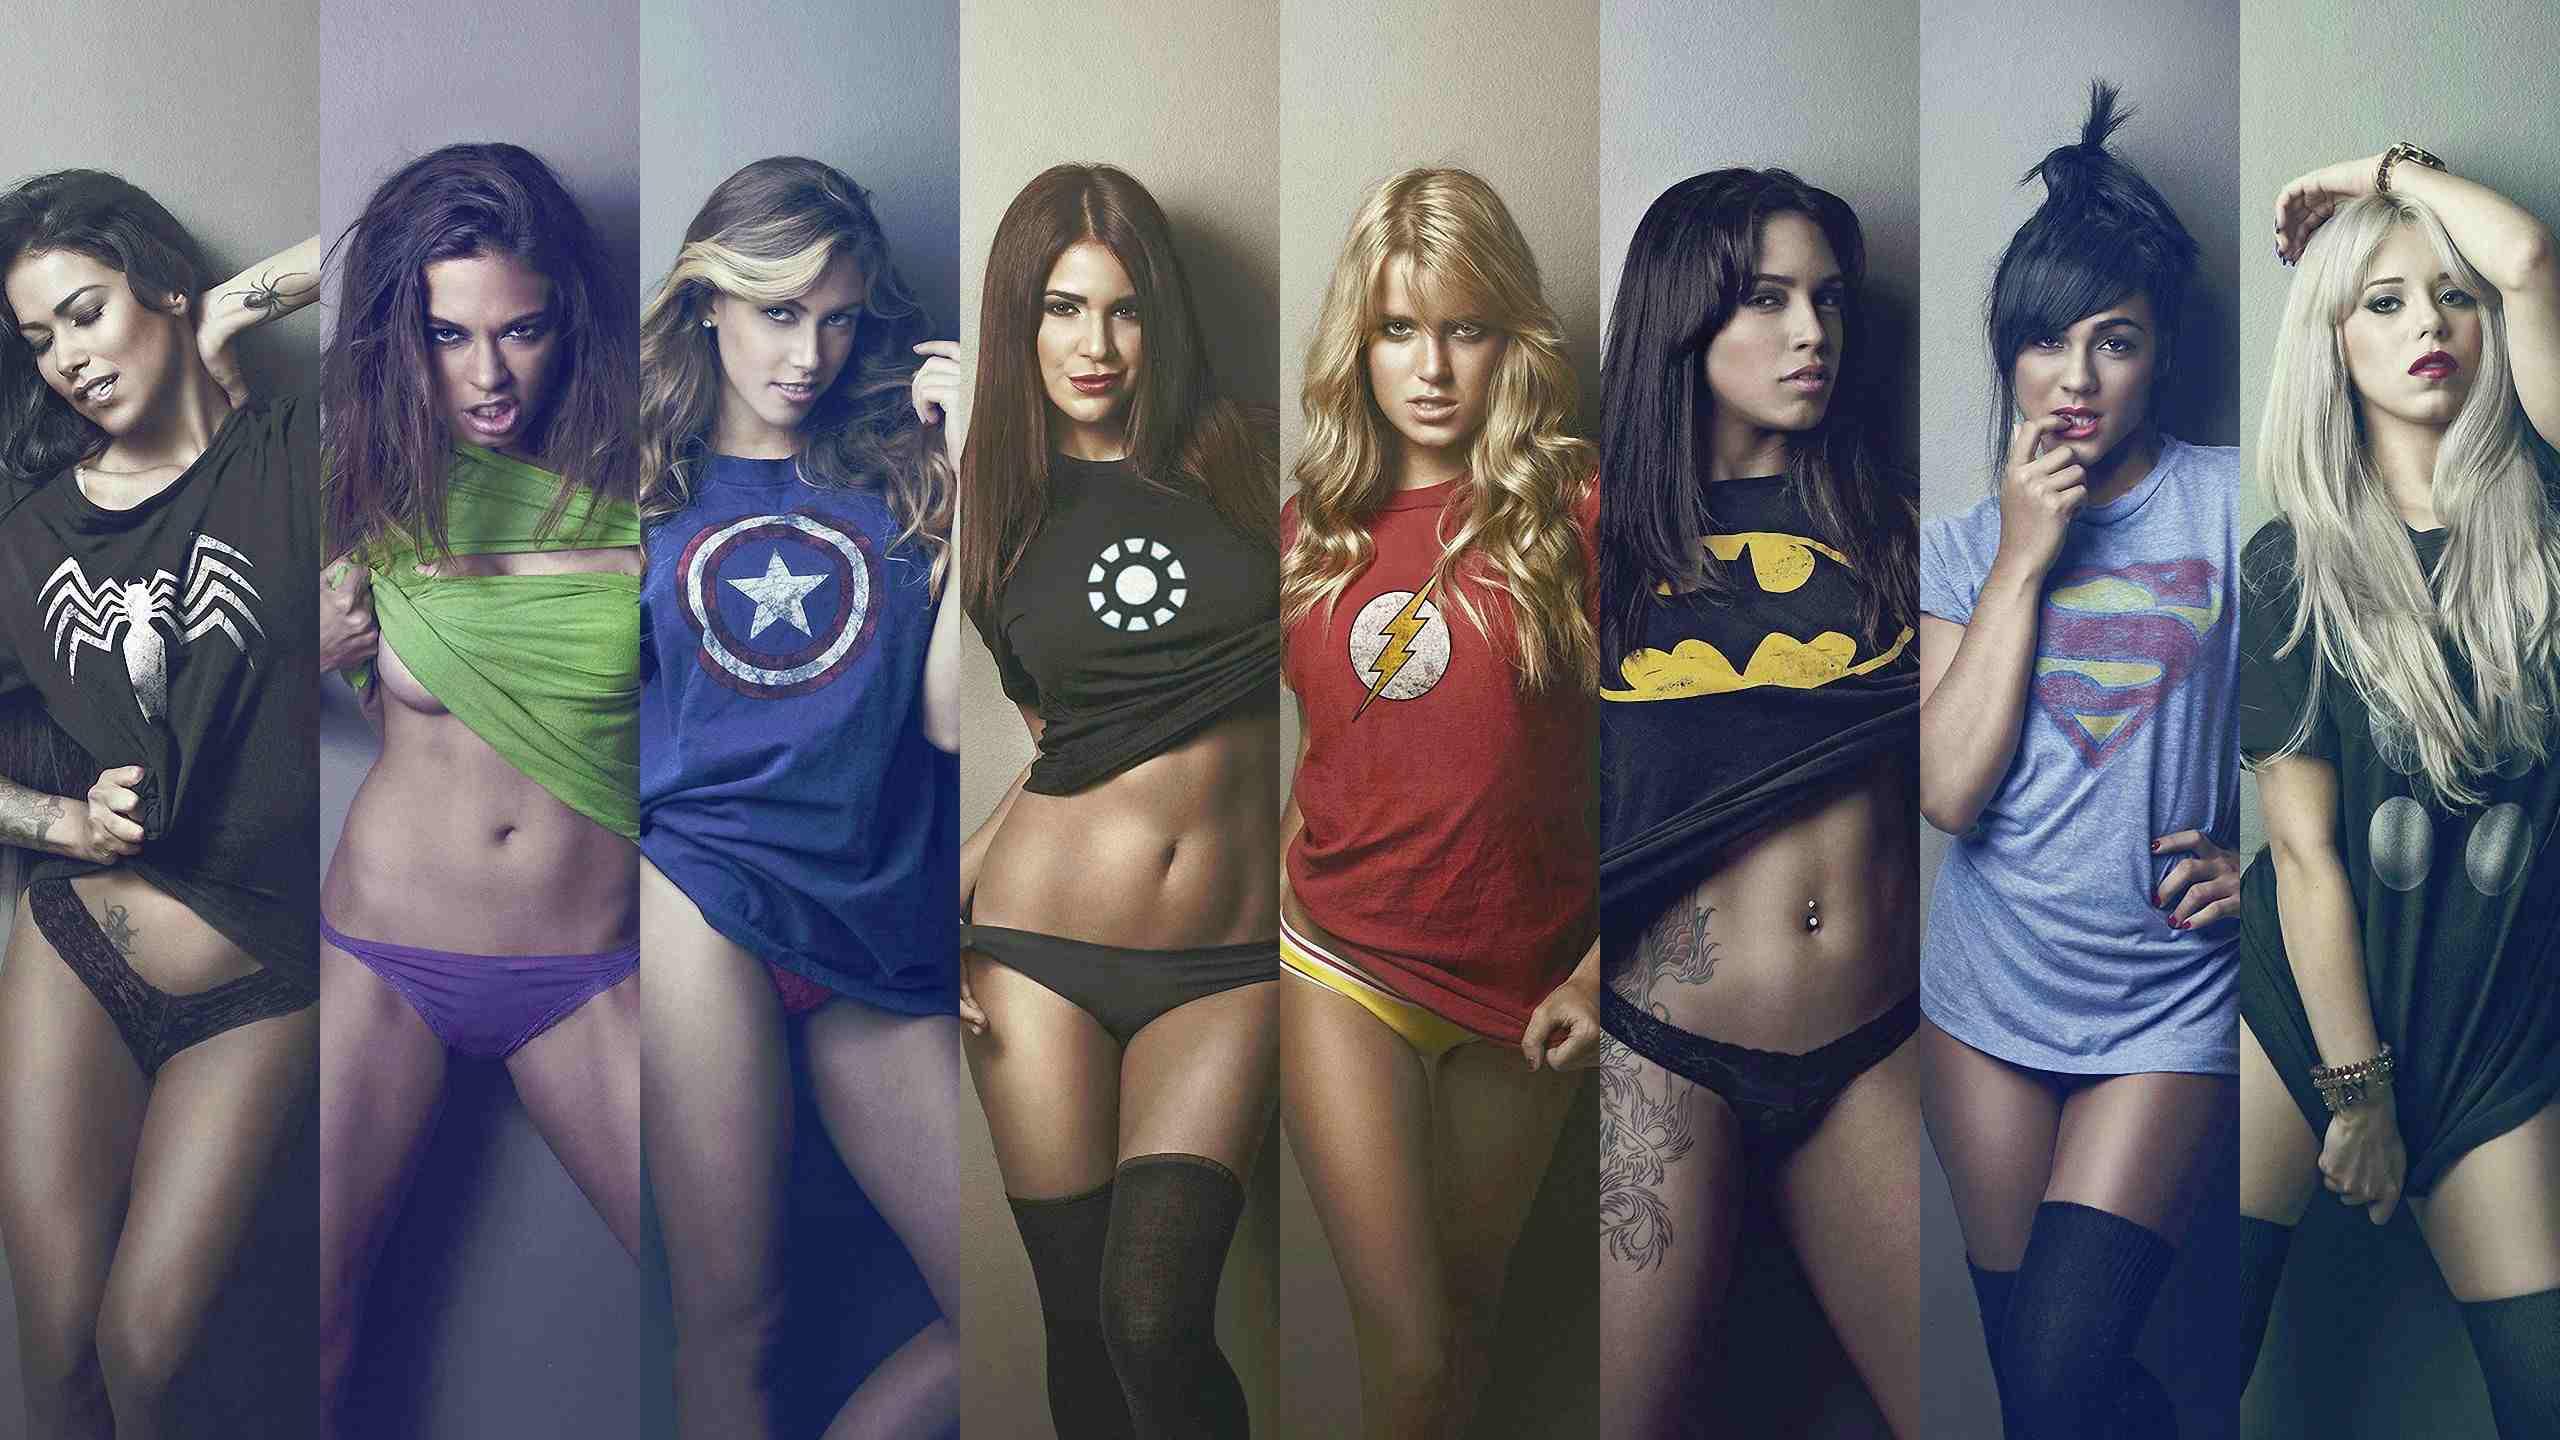 ТОП-5 самых сексуальных героинь комиксов вселенной Marvel и DC